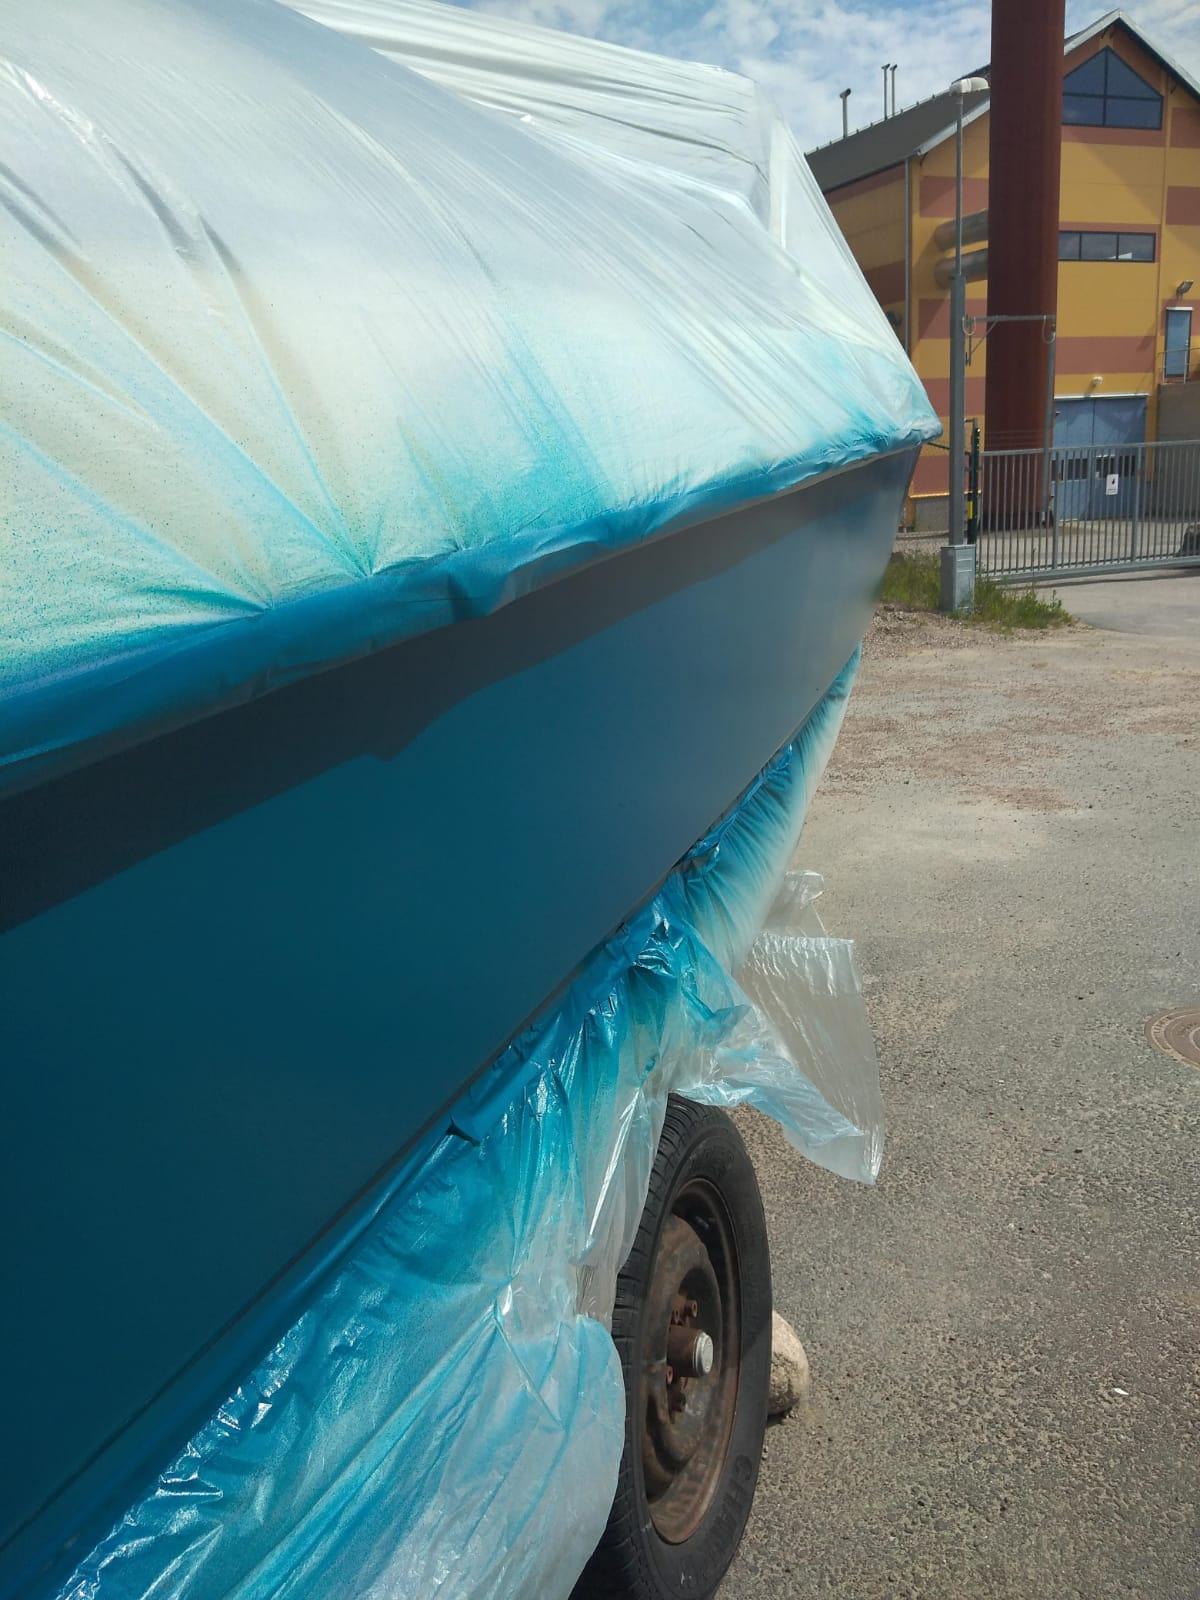 målning av båt